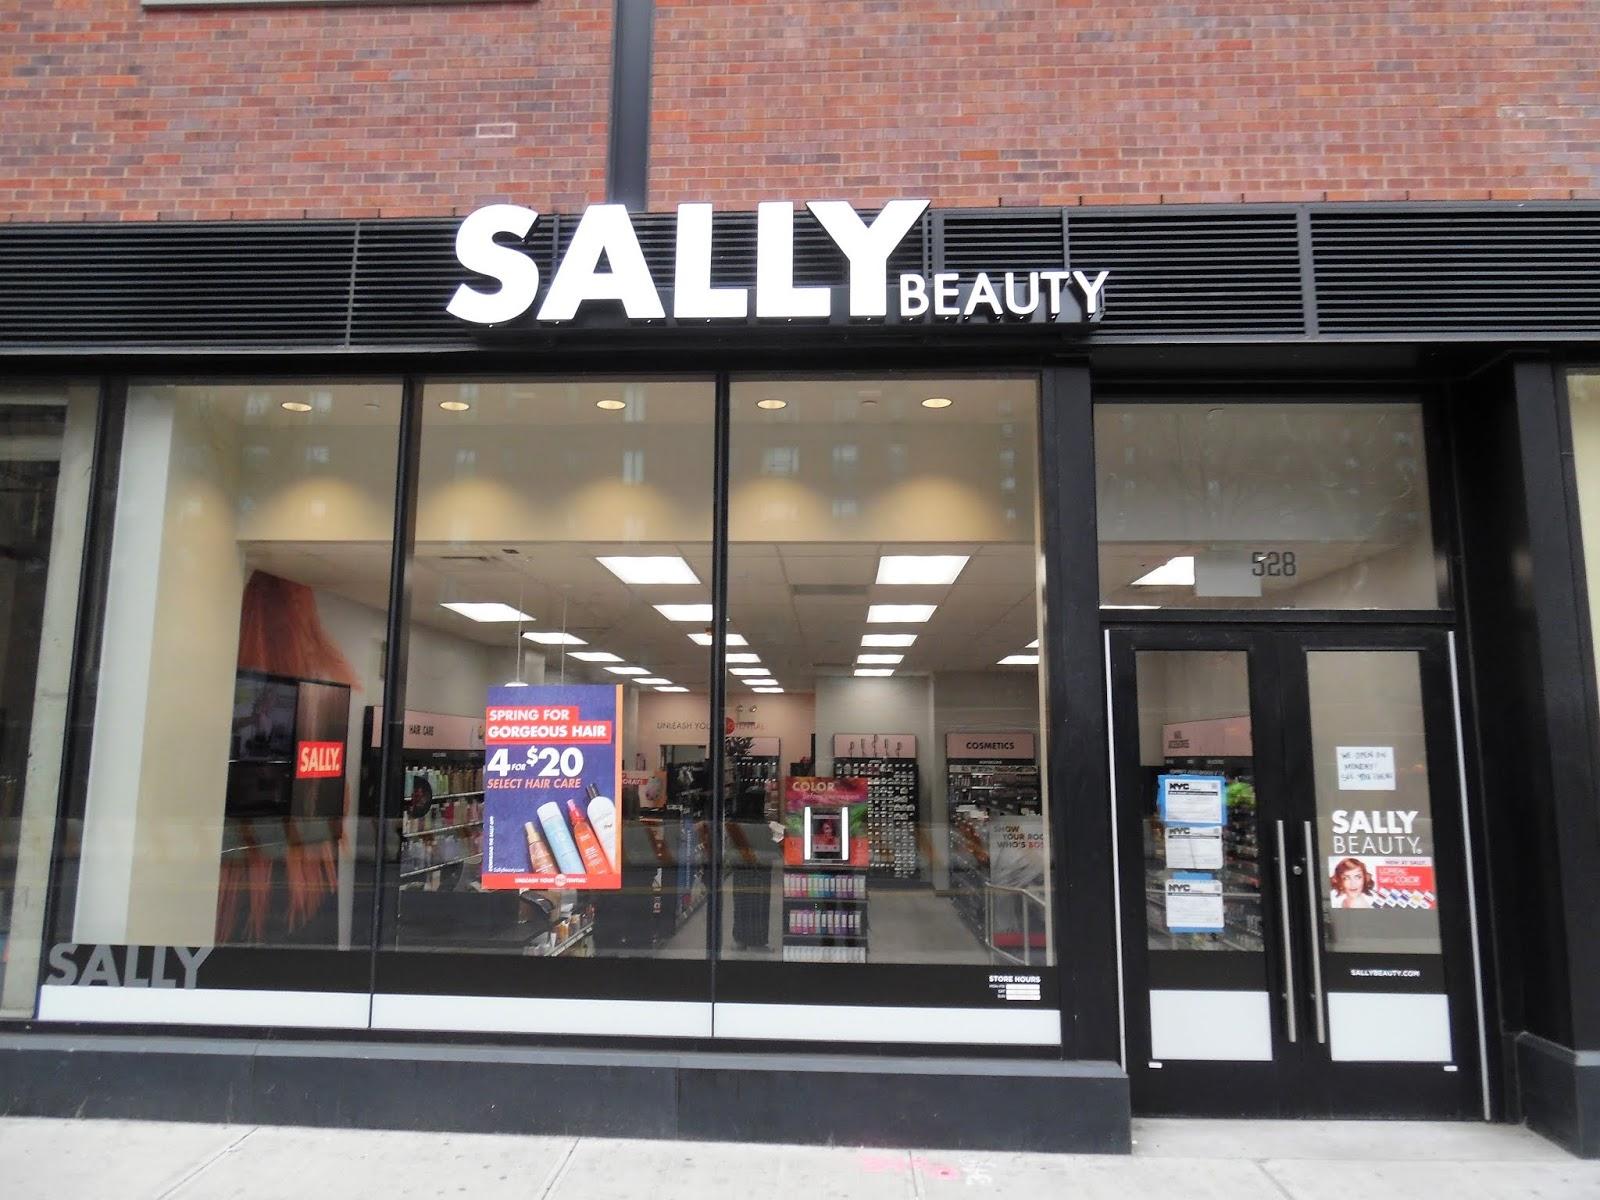 EV Grieve Sally Beauty is now open on 9th Street